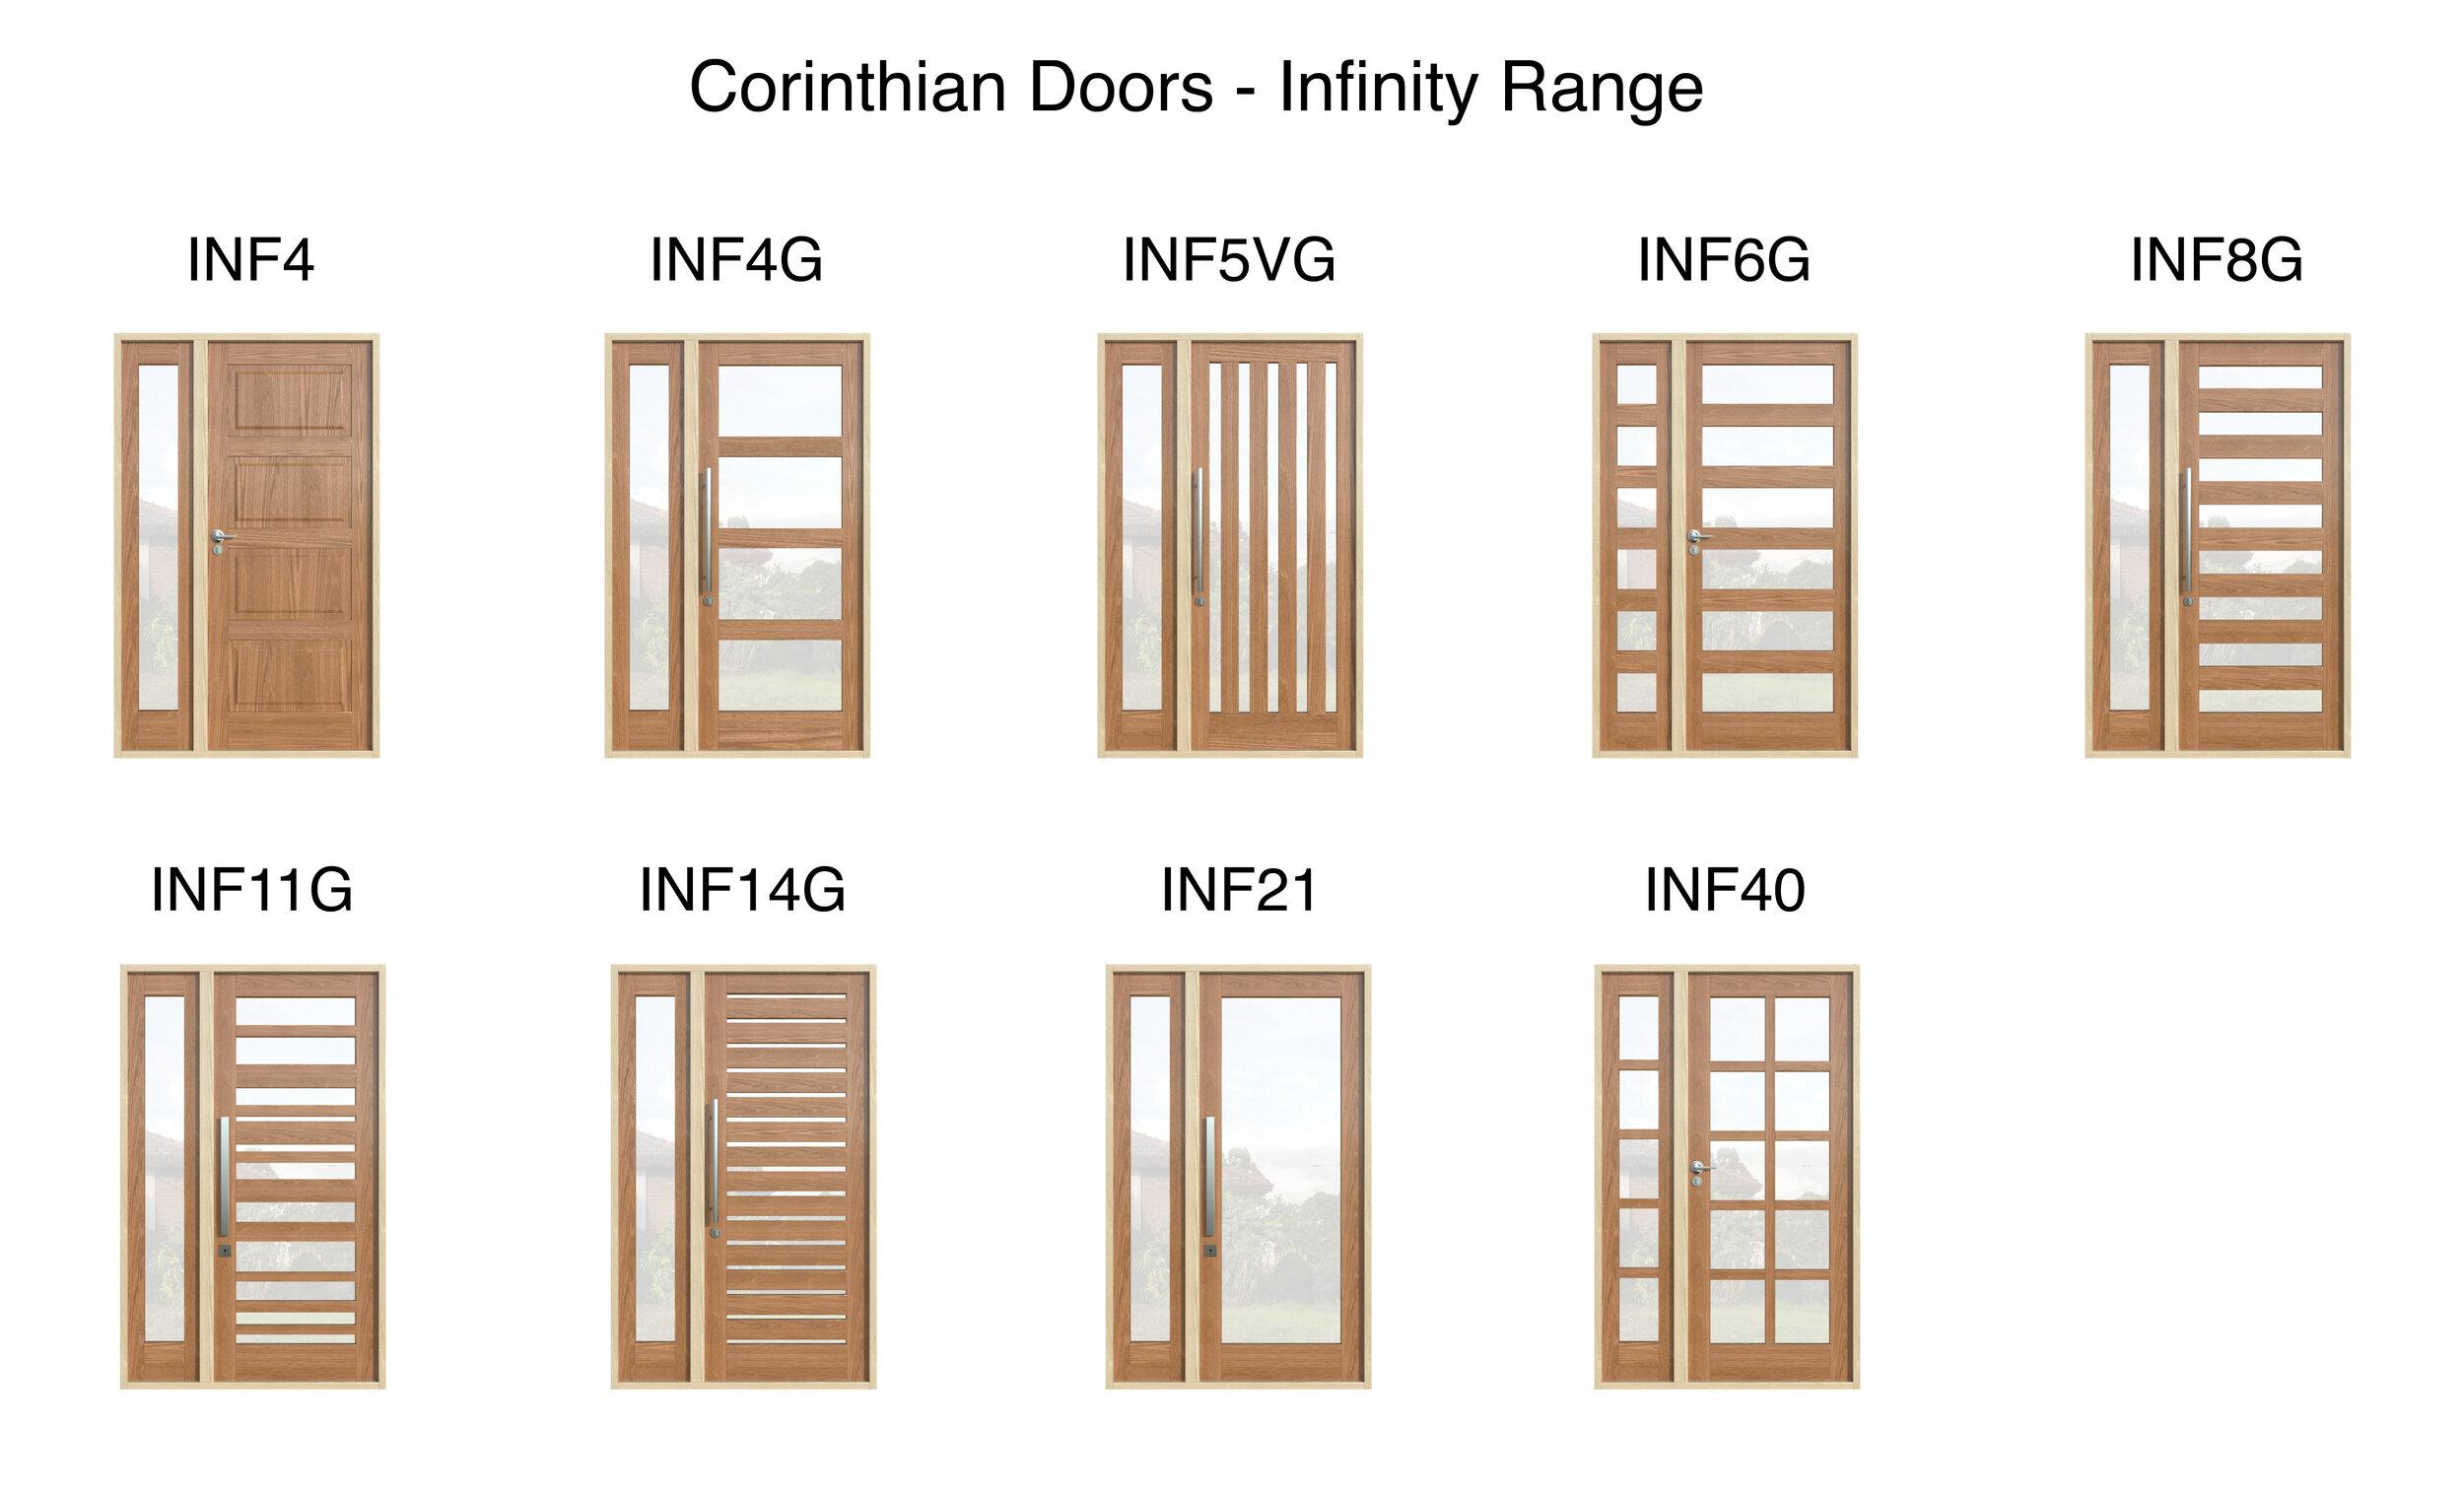 Corinthian_Infinity_Range_Preview.jpg